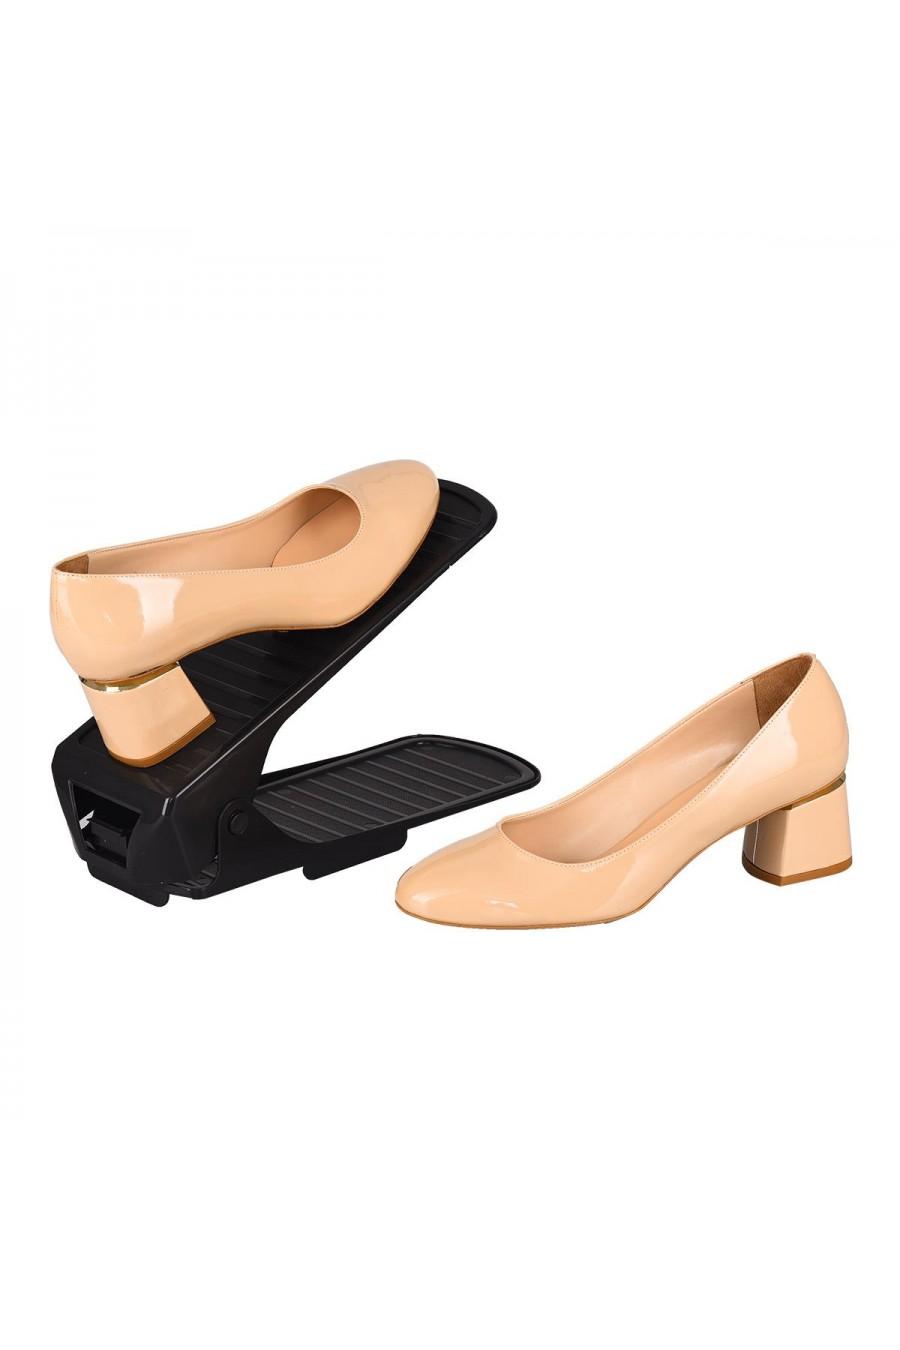 PlastArt Ayarlanabilir Ayakkabı Rampası | Ayakkabı Rafı